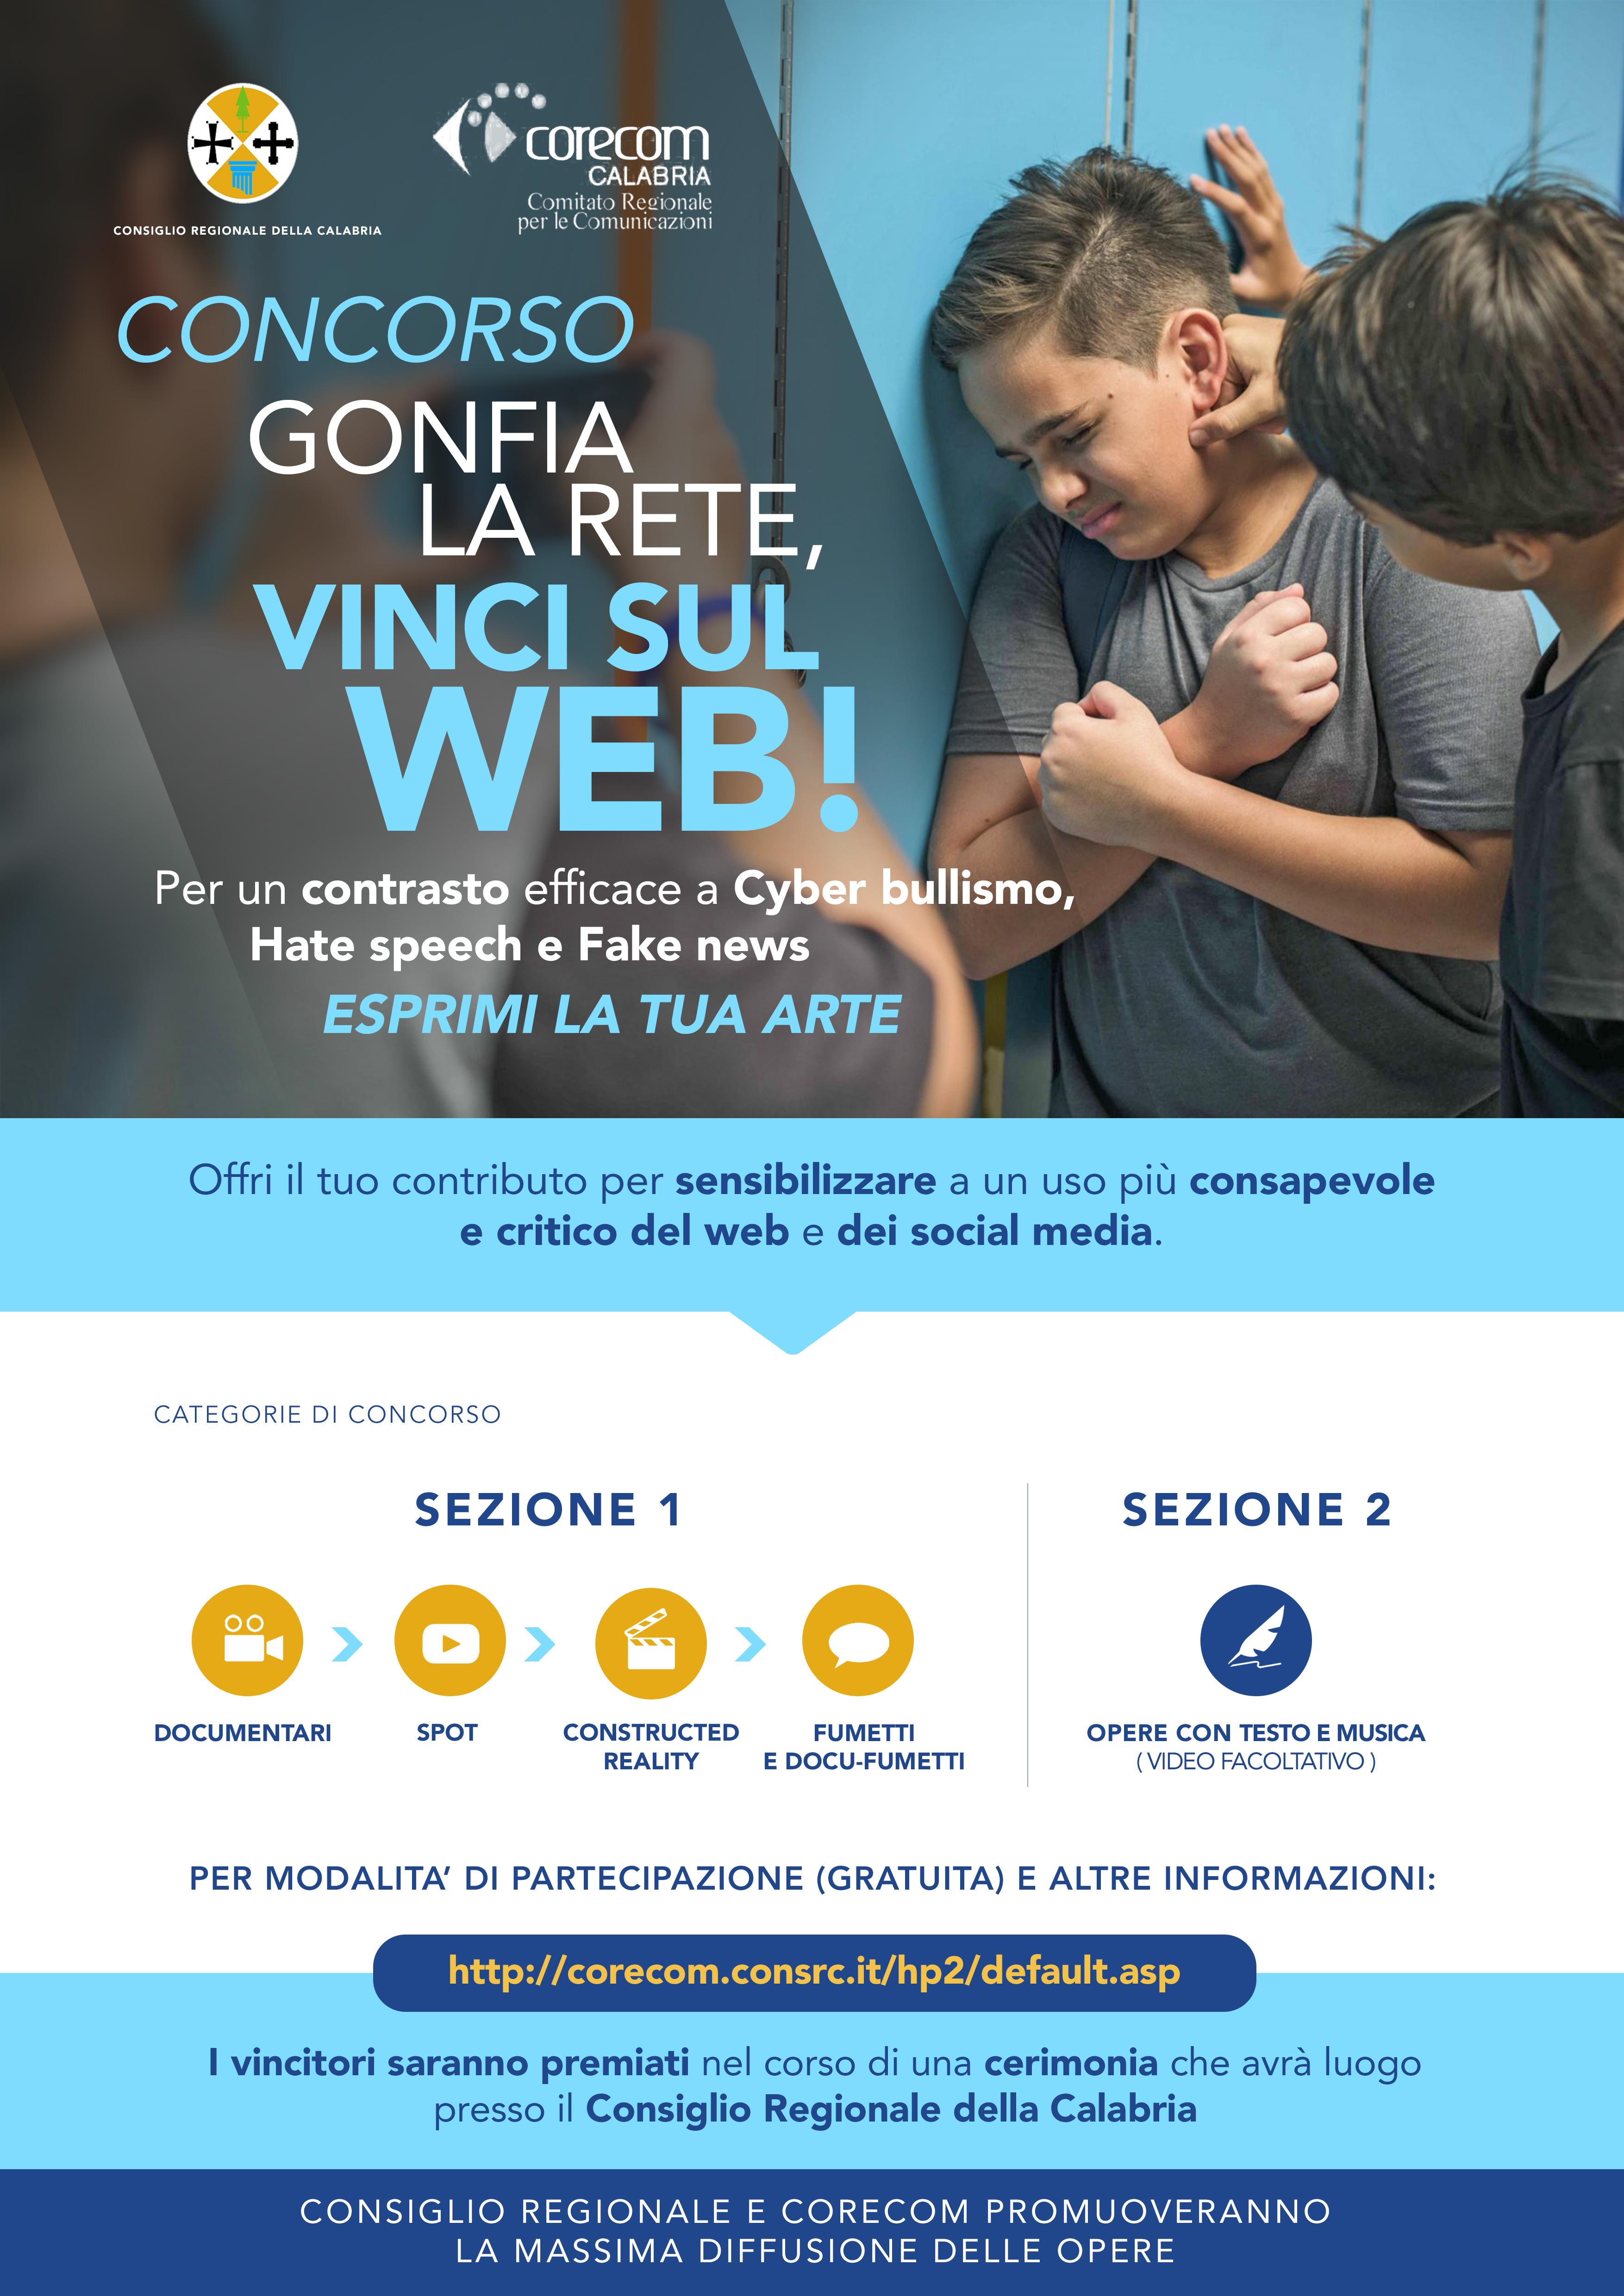 GONFIA LA RETE, VINCI SUL WEB